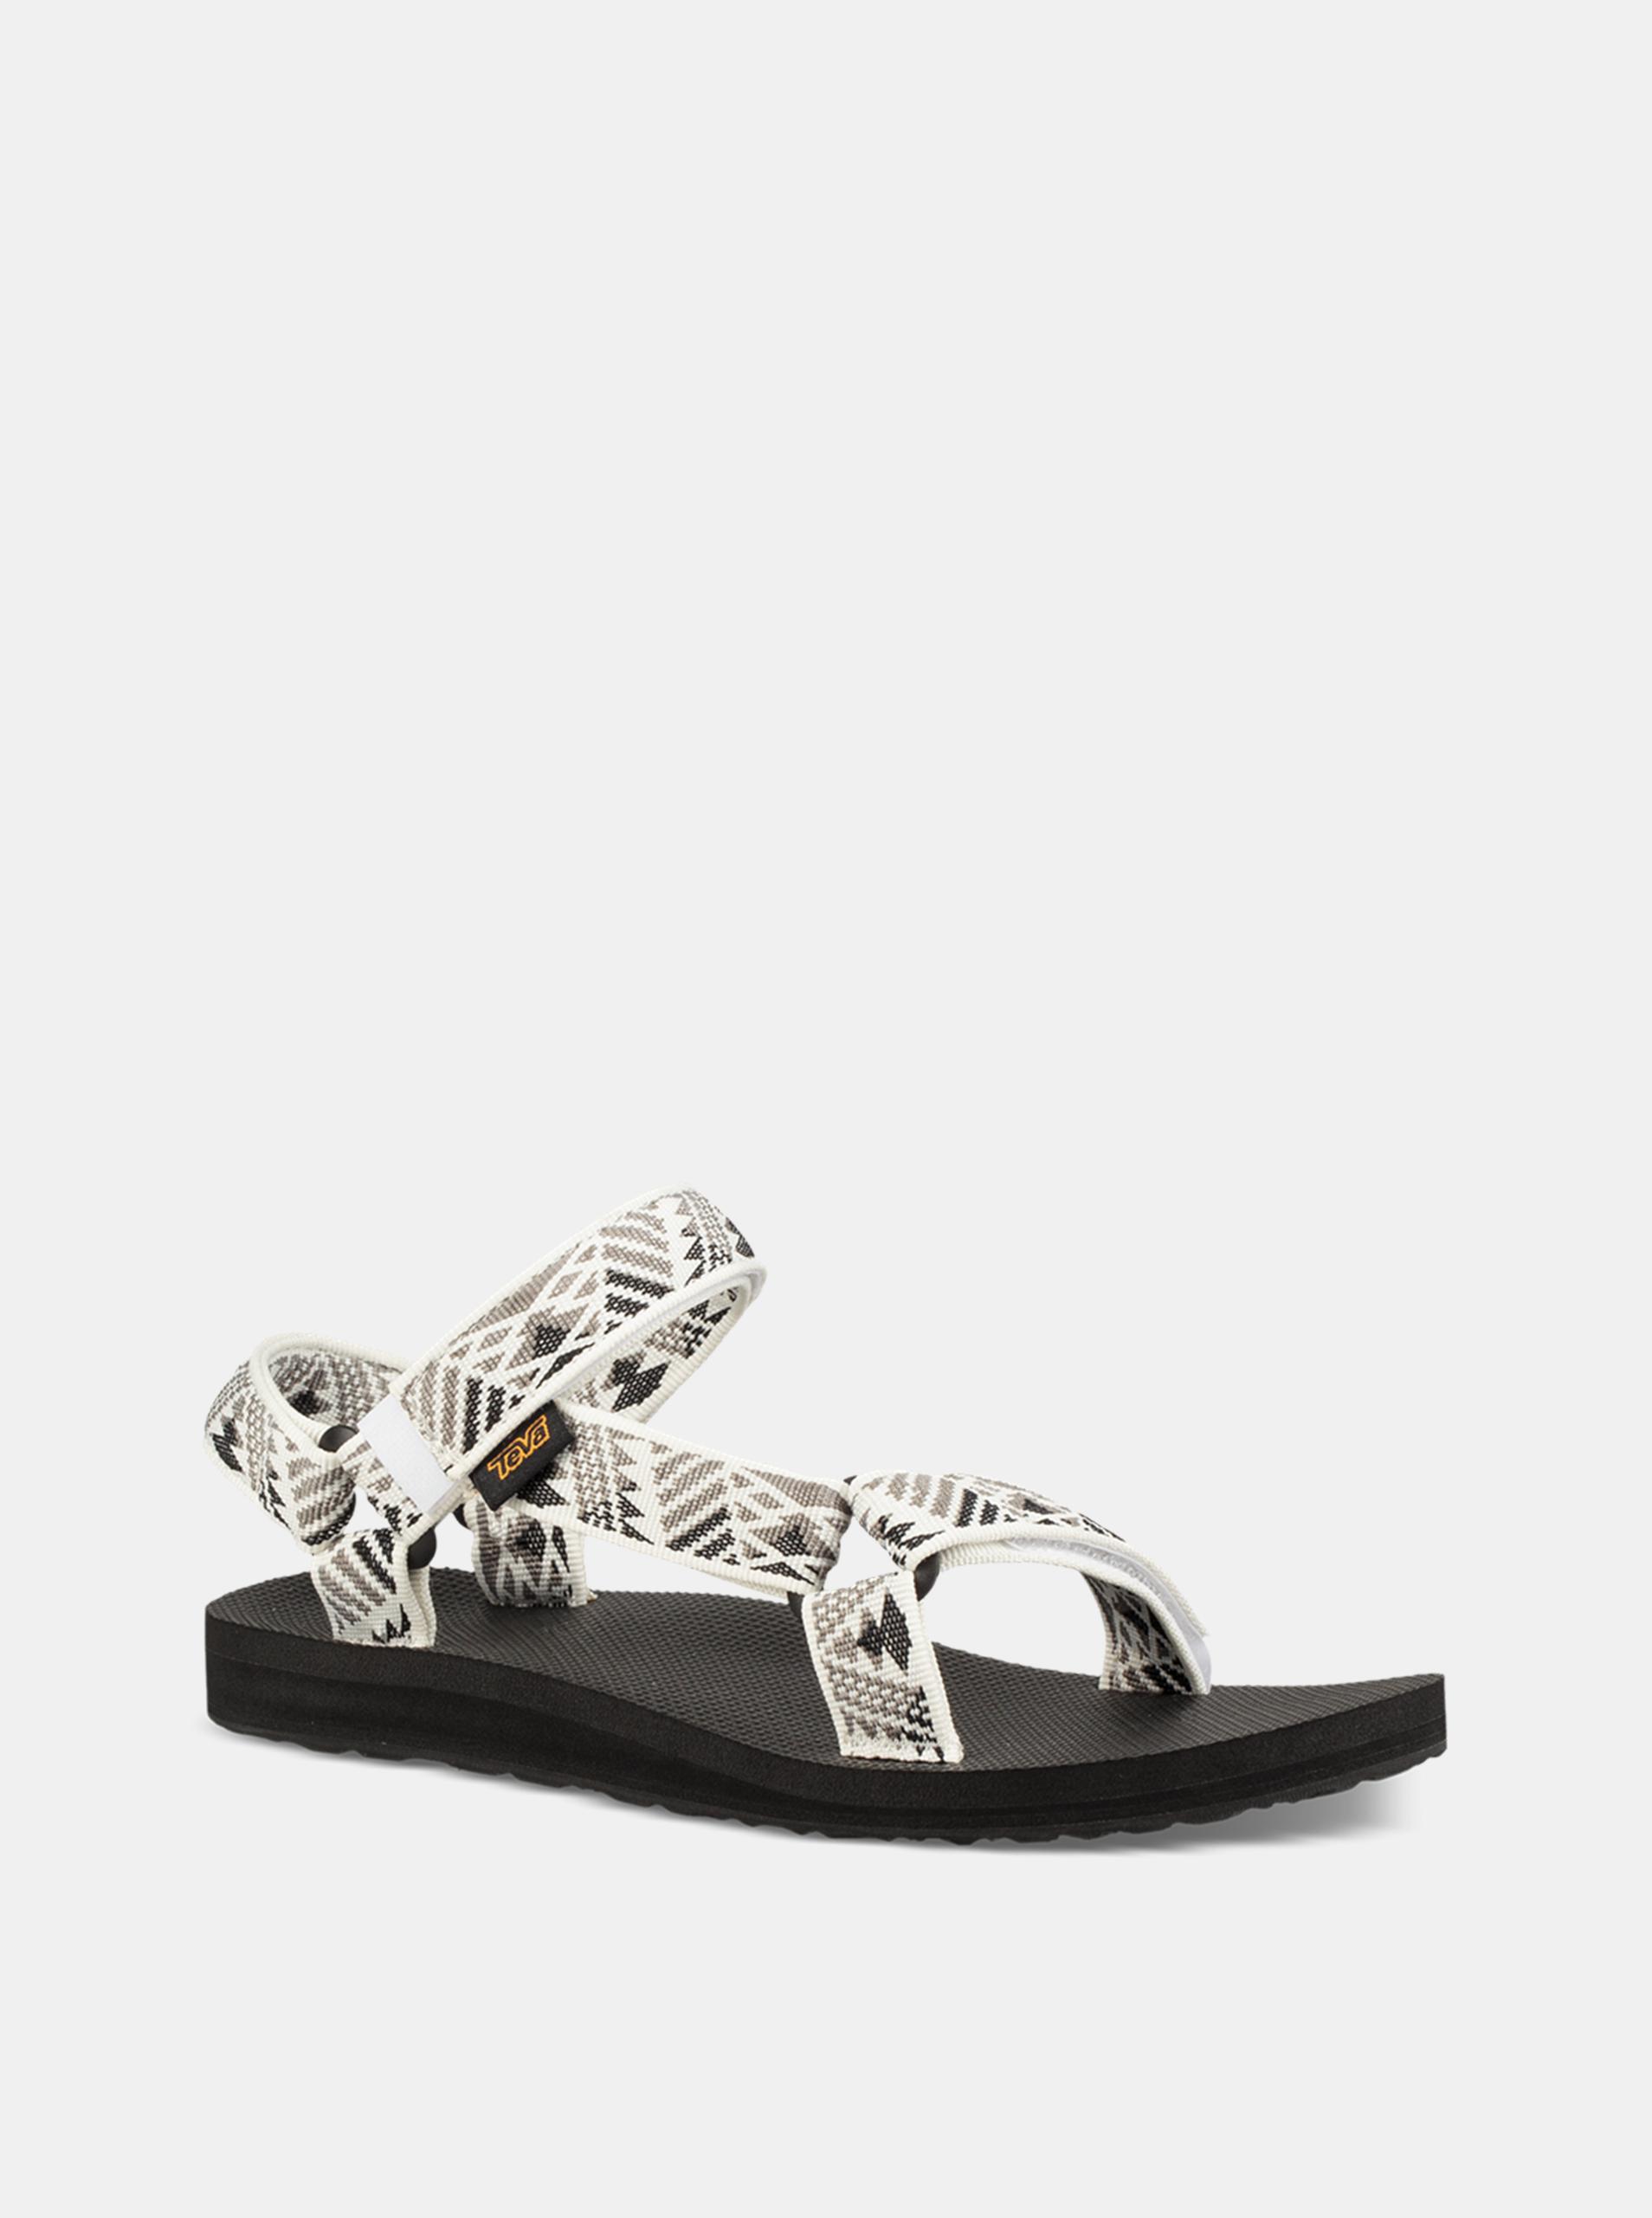 6974bcdf9283 Sivo–biele dámske vzorované sandále Teva ...